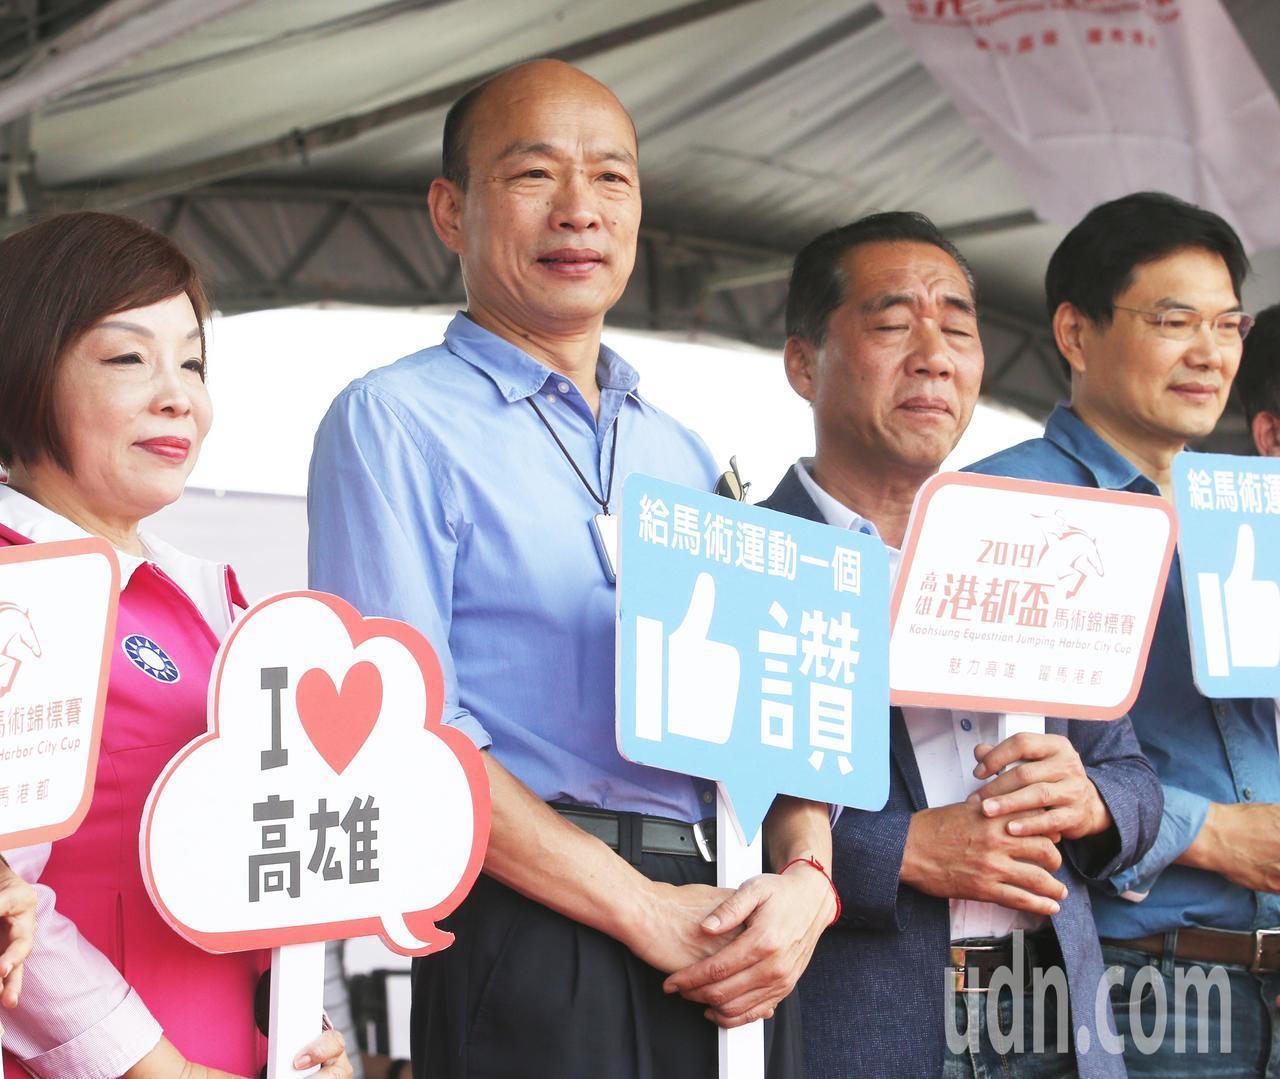 高雄市長韓國瑜證實,6月1日將北上參加在凱道舉行的挺韓造勢大會。本報資料...